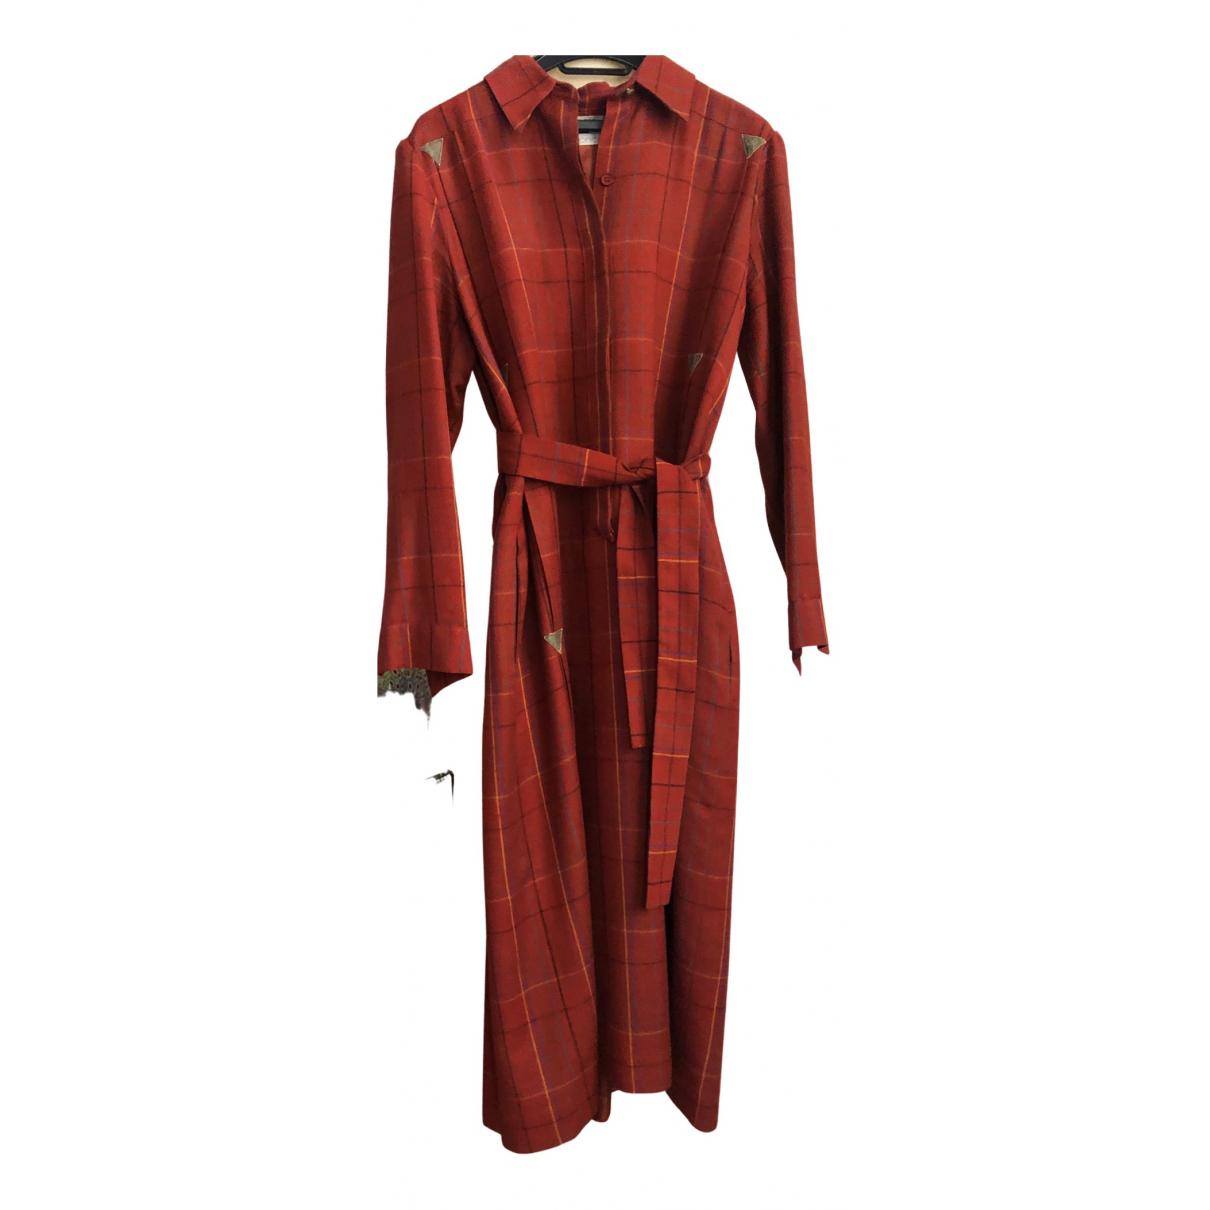 Ted Lapidus \N Kleid in  Braun Wolle